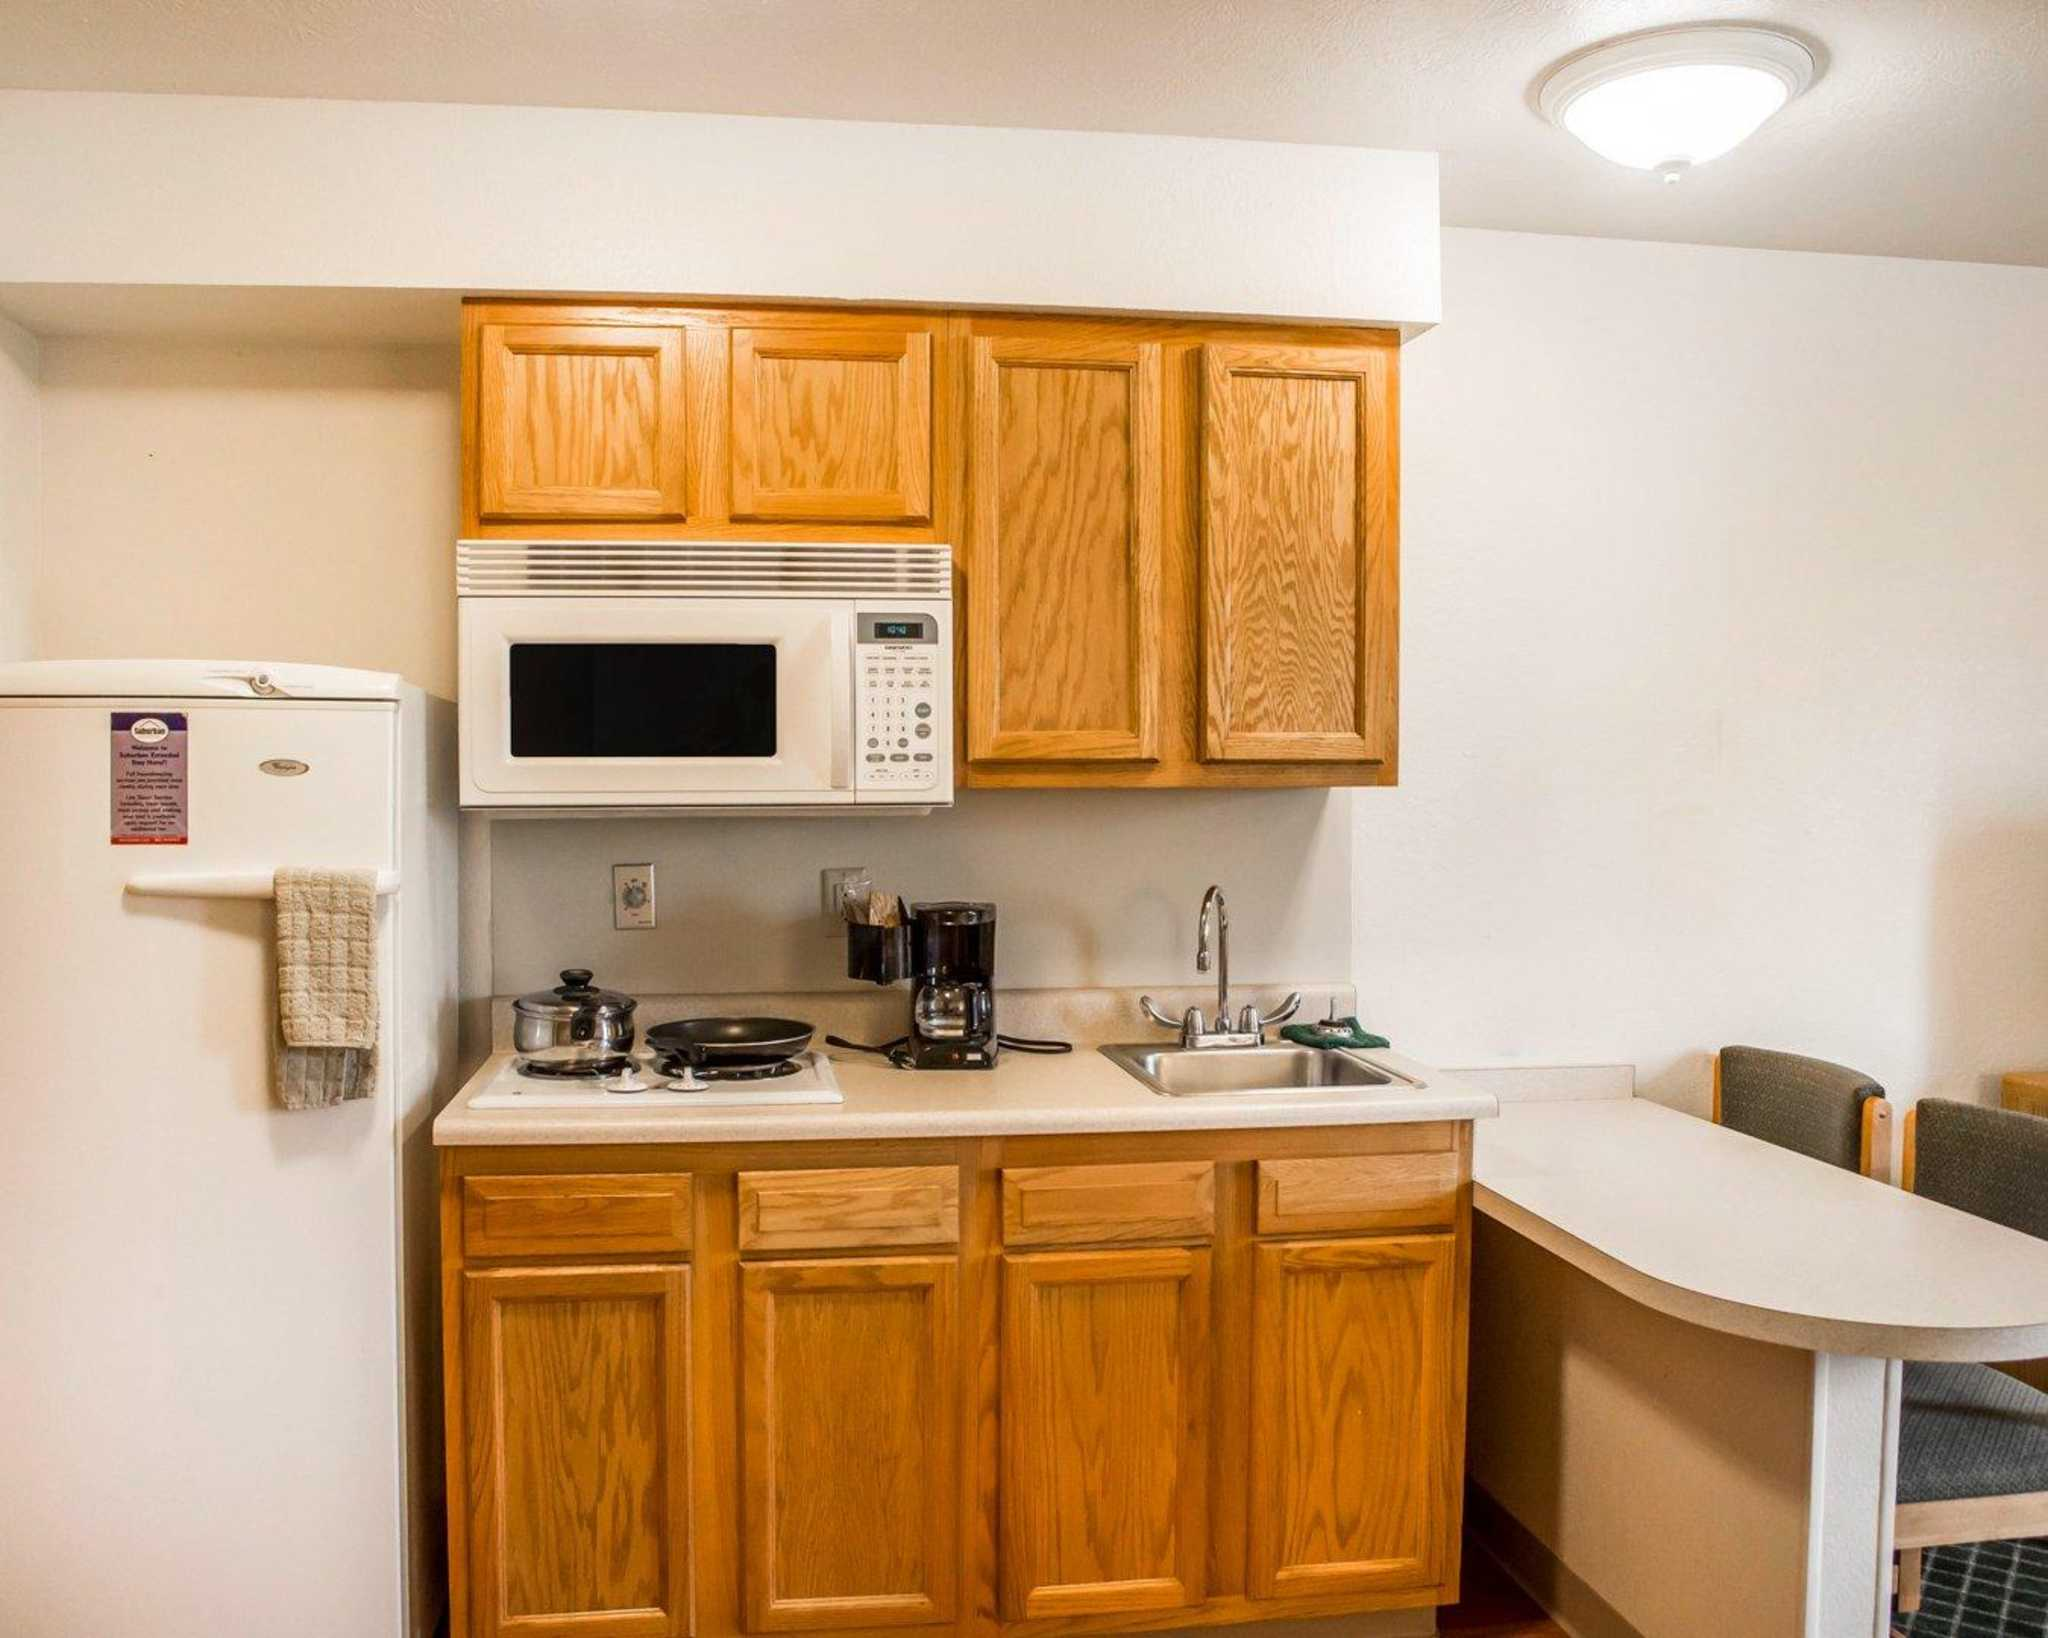 Suburban Extended Stay Hotel Dayton-WP AFB image 18